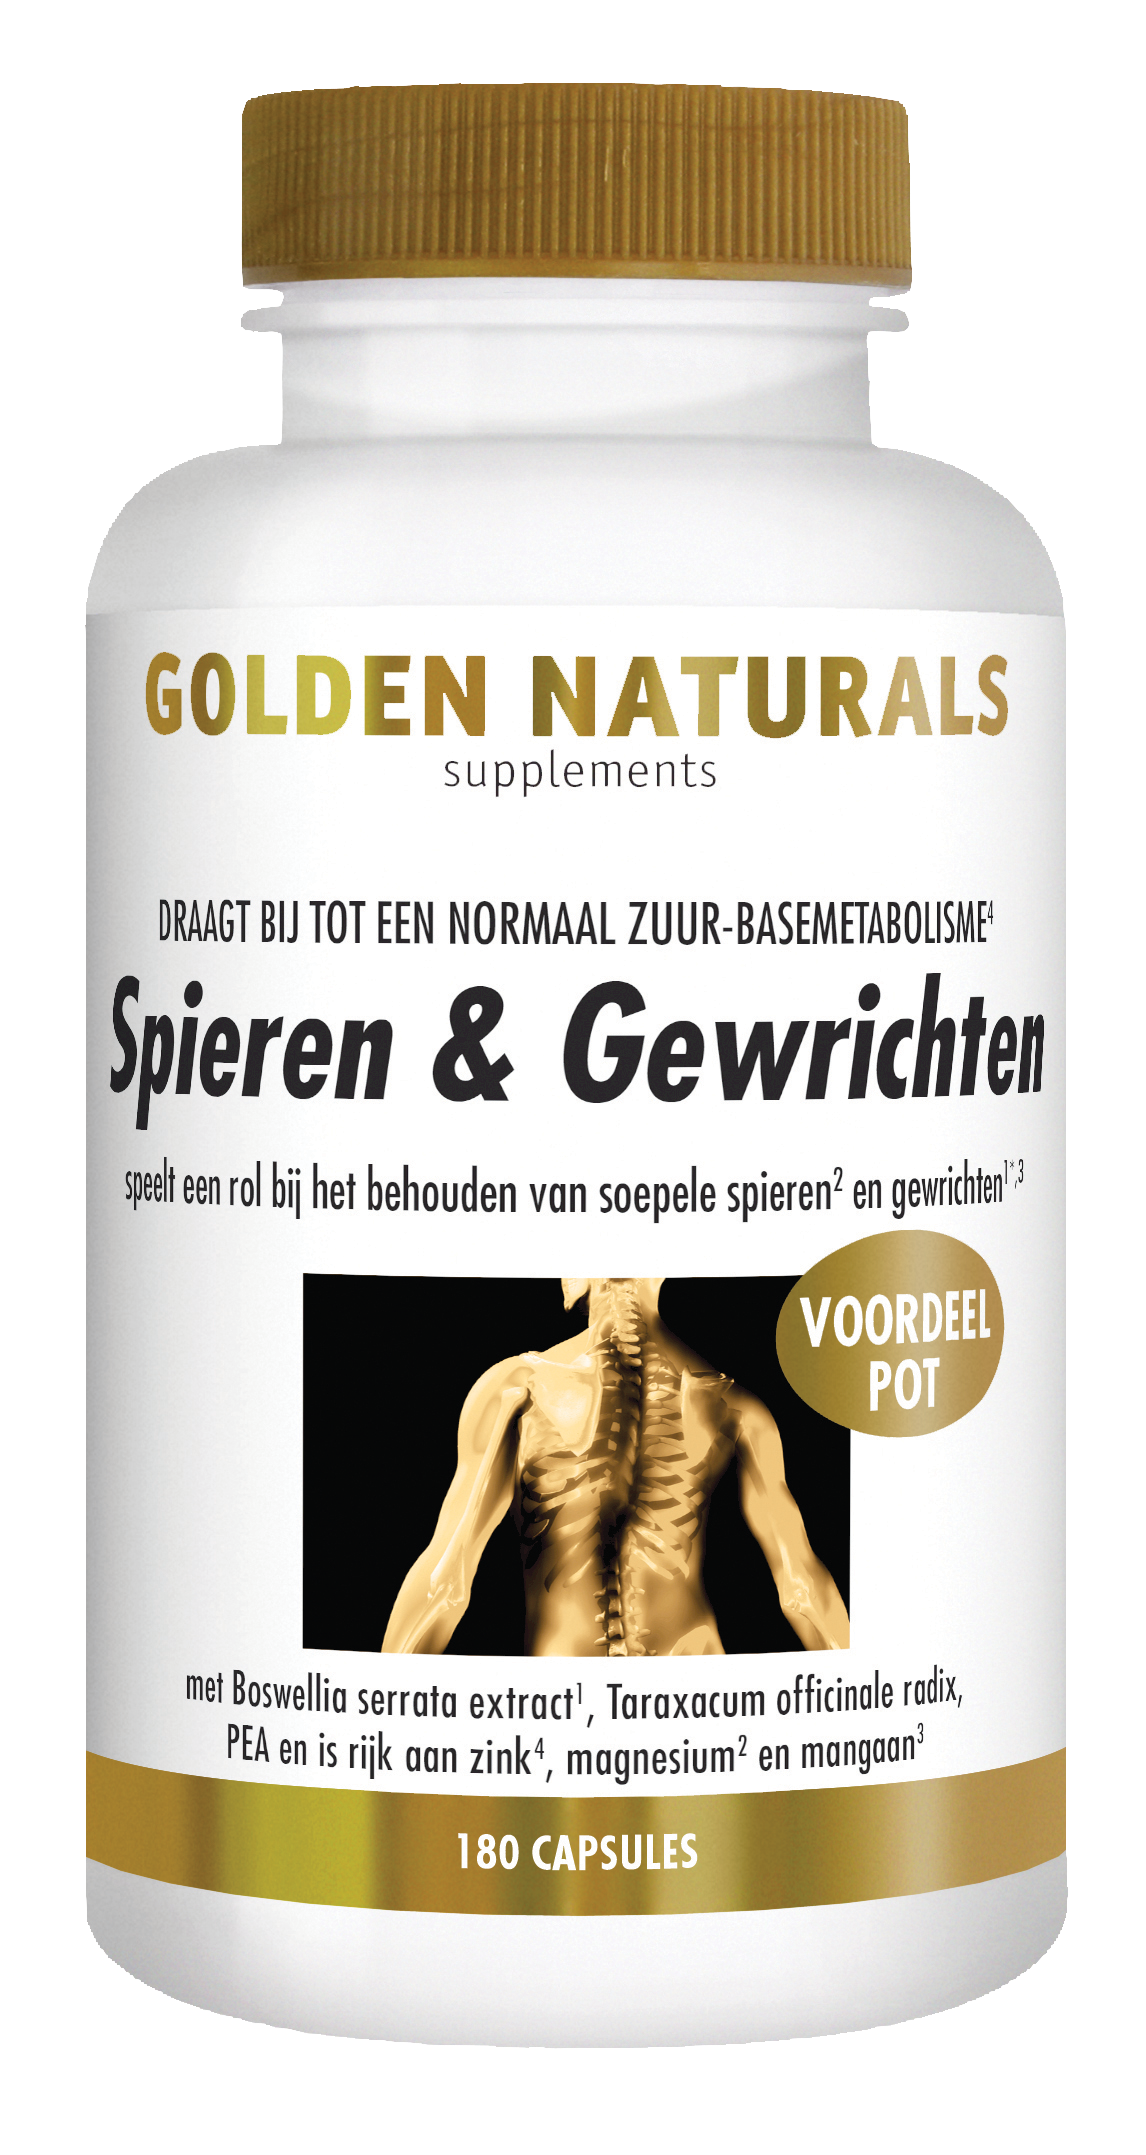 Golden Naturals Spieren & Gewrichten (180 capsules)